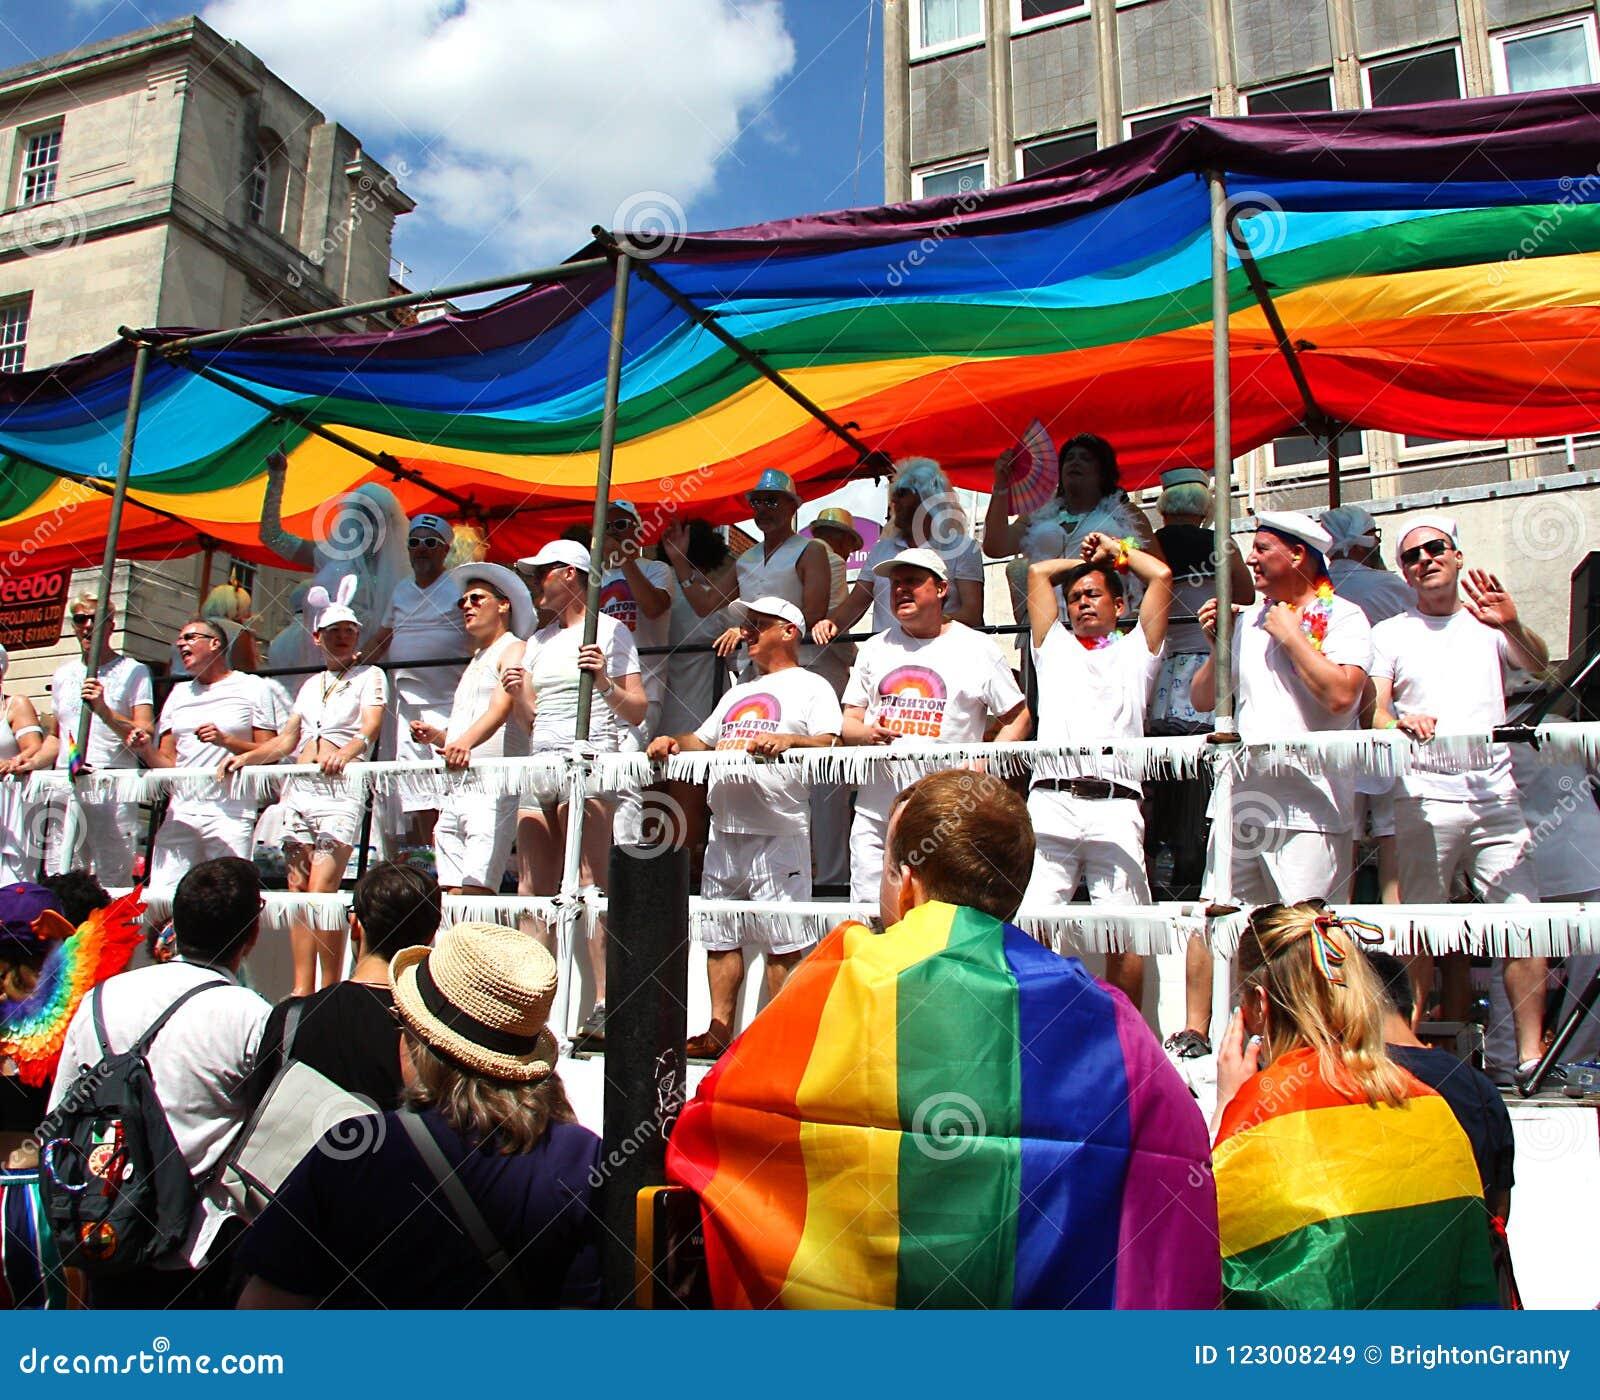 Brighton Pride-Parade